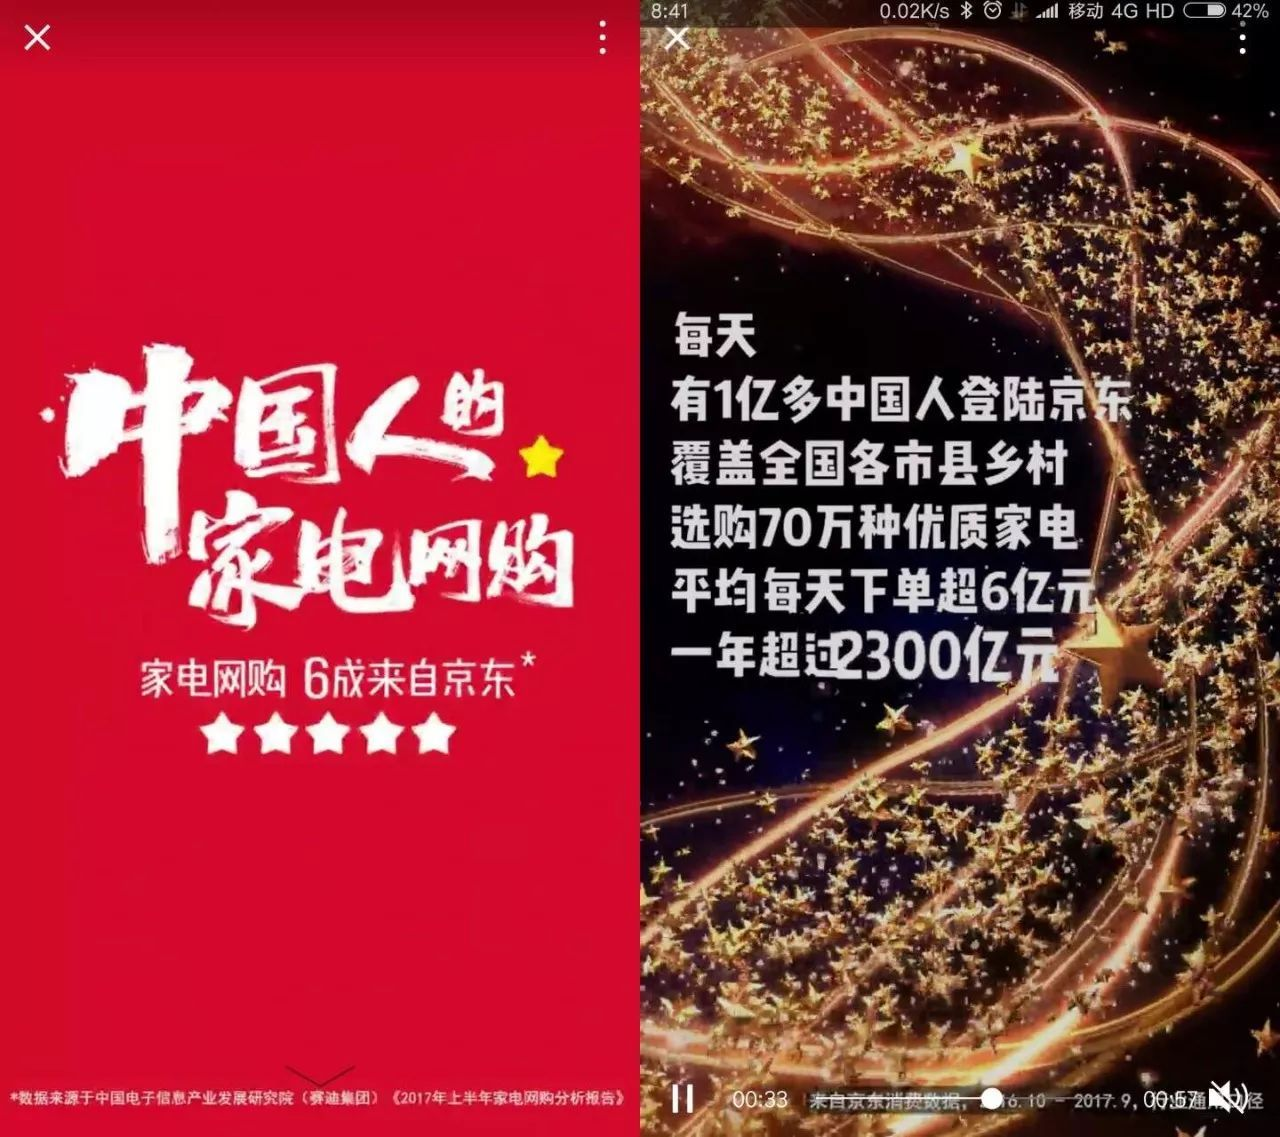 京东家电将史无前例的在微信朋友圈投放3天全量广告为双11造势